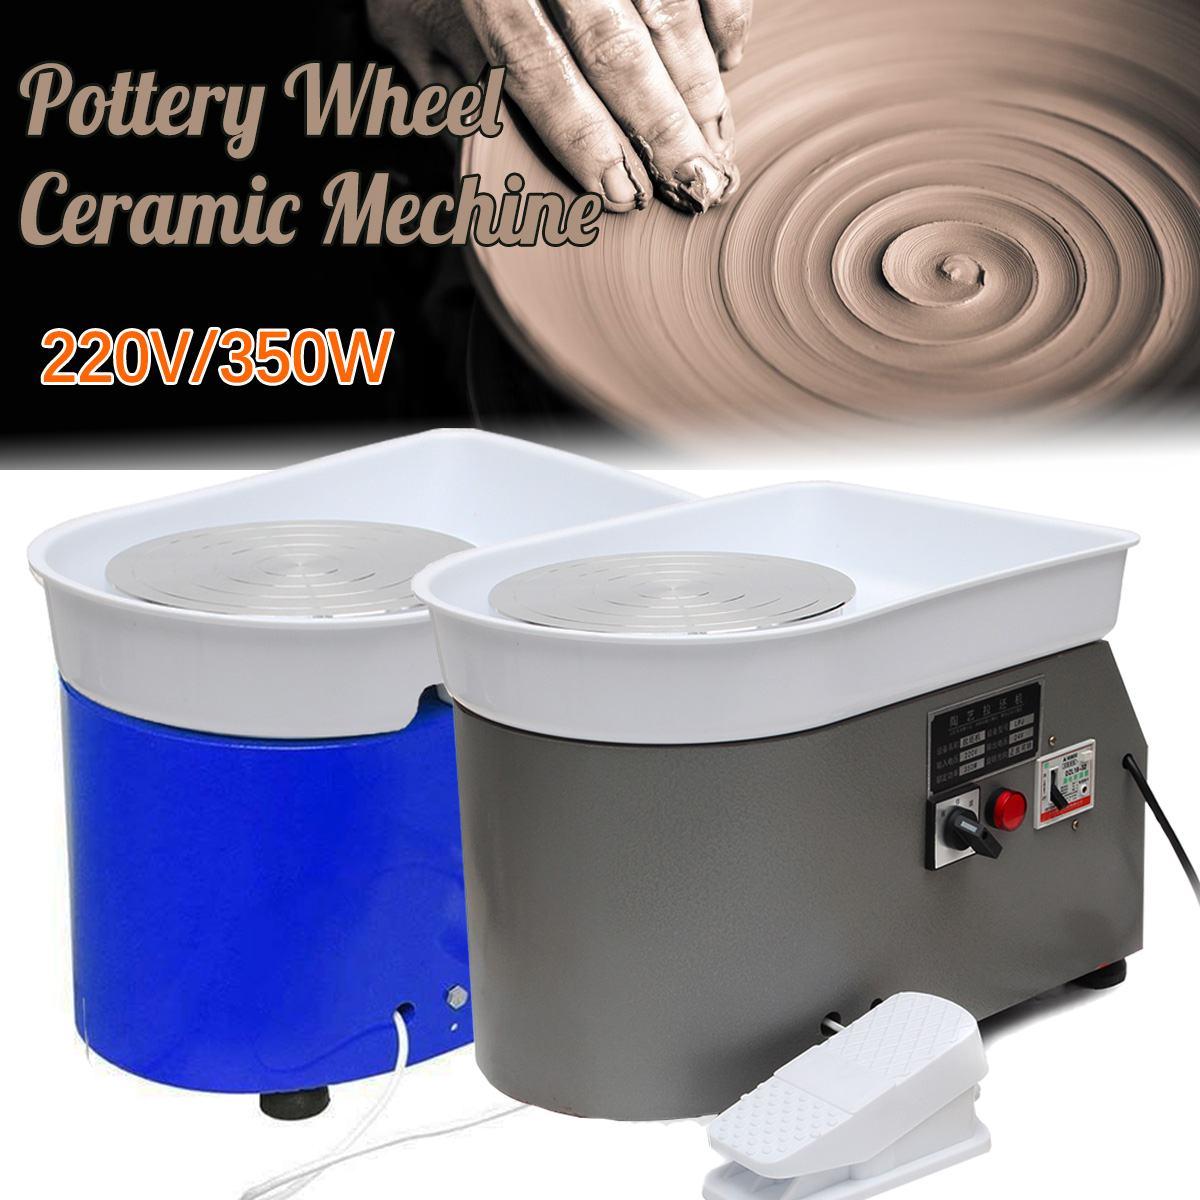 Poterie formant la Machine 220 V 350 W roue de poterie électrique argile pour travaux pratiques outil avec plateau pédale de pied Flexible pour céramique travail céramique - 6